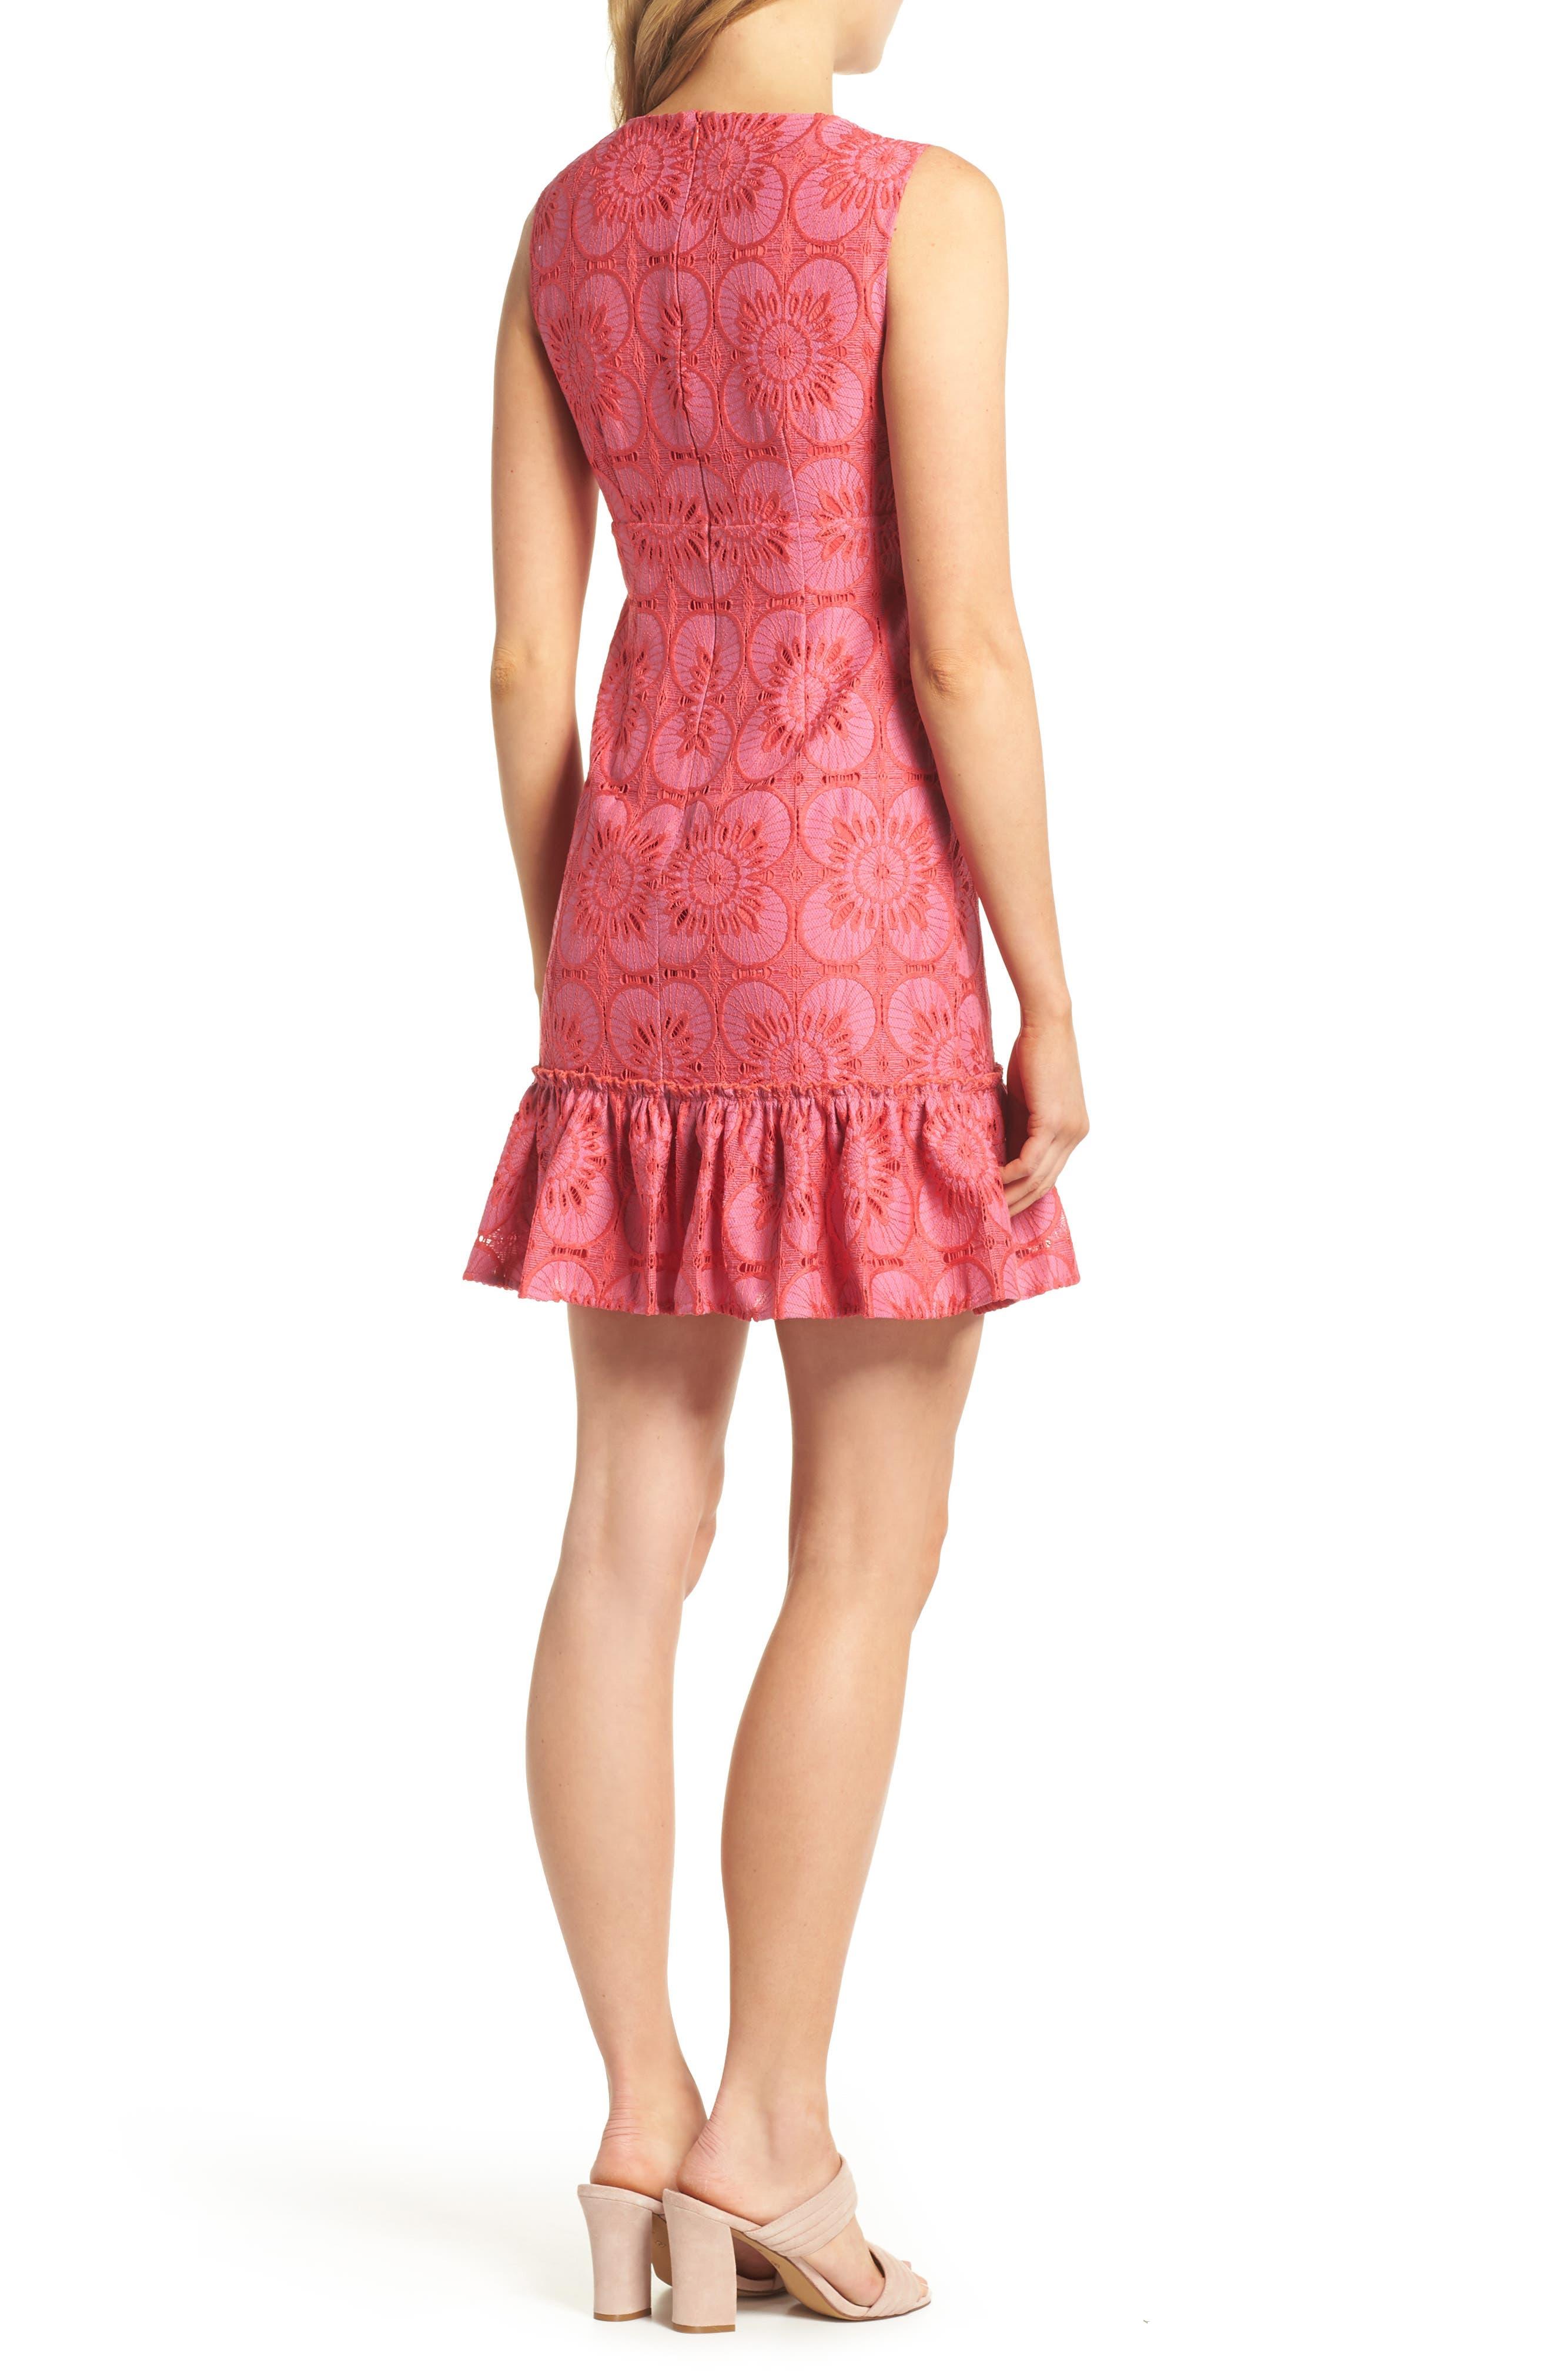 Carpinteria Lace Ruffle Hem Dress,                             Alternate thumbnail 2, color,